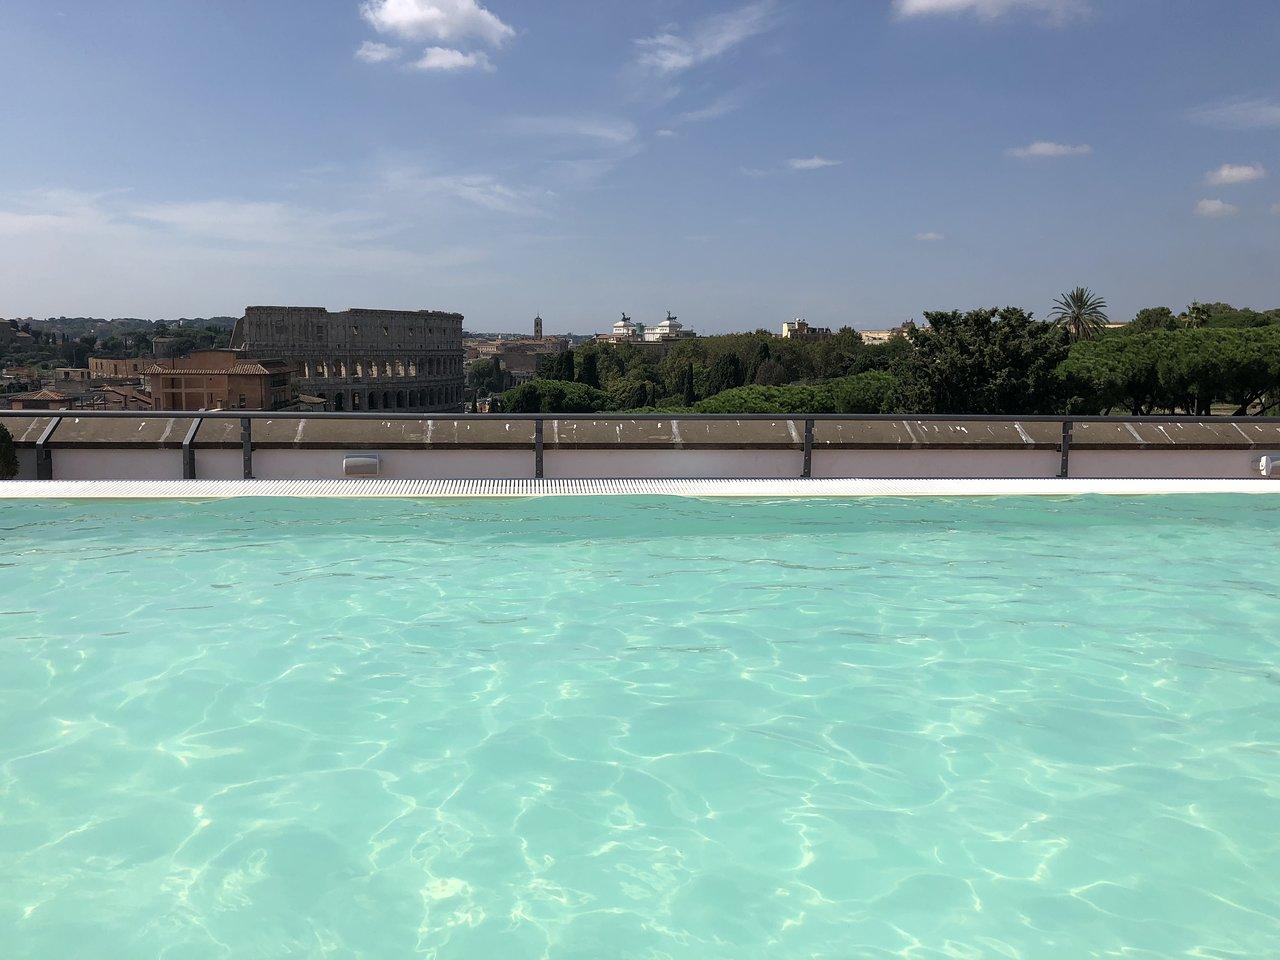 MERCURE ROME COLOSSEUM CENTRE (Italy) - Hotel Reviews, Photos ...